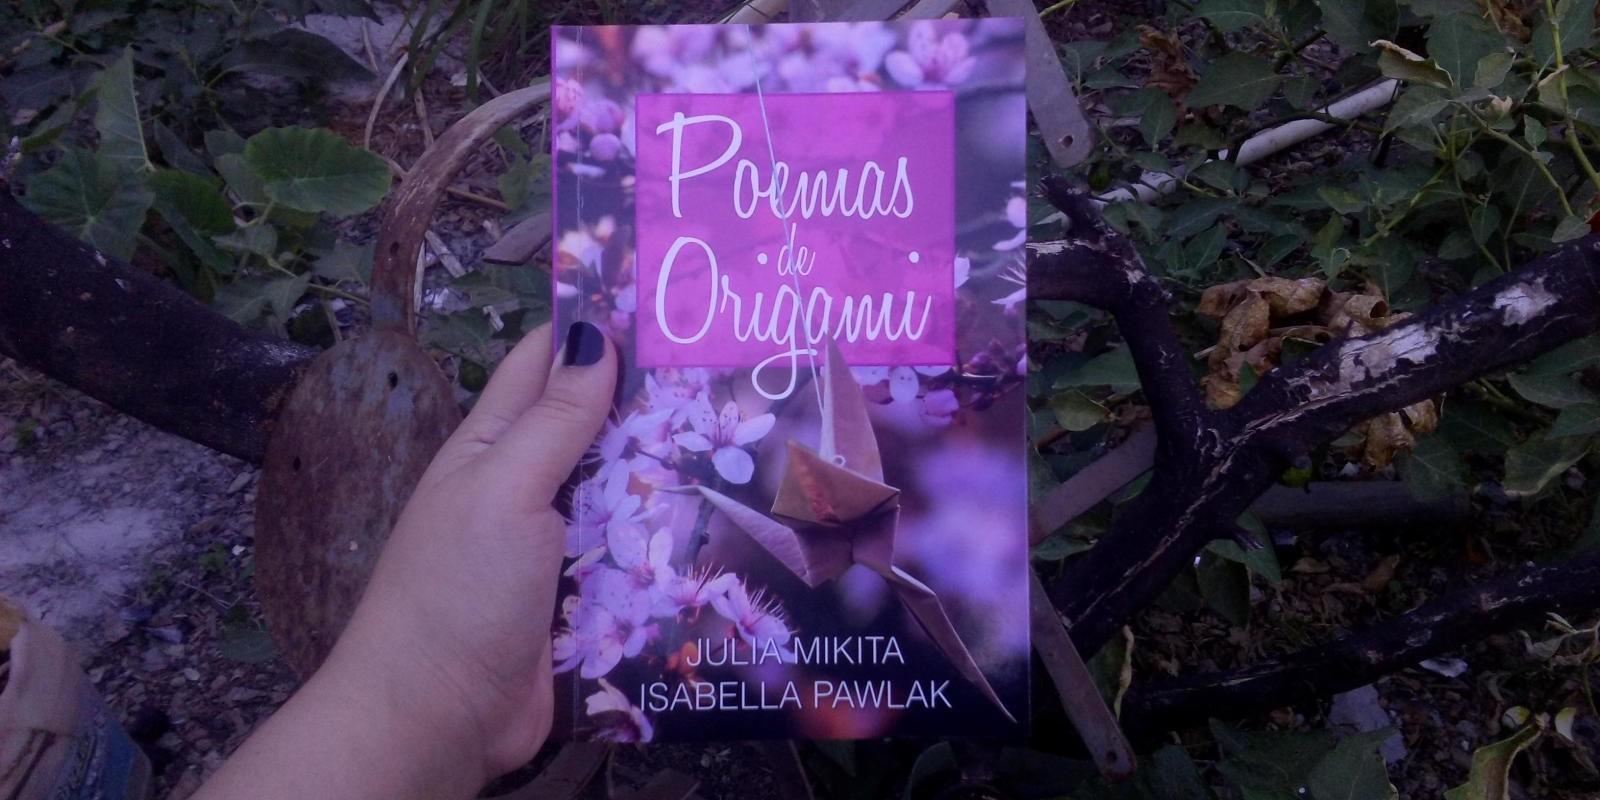 [Poemas de Origami]